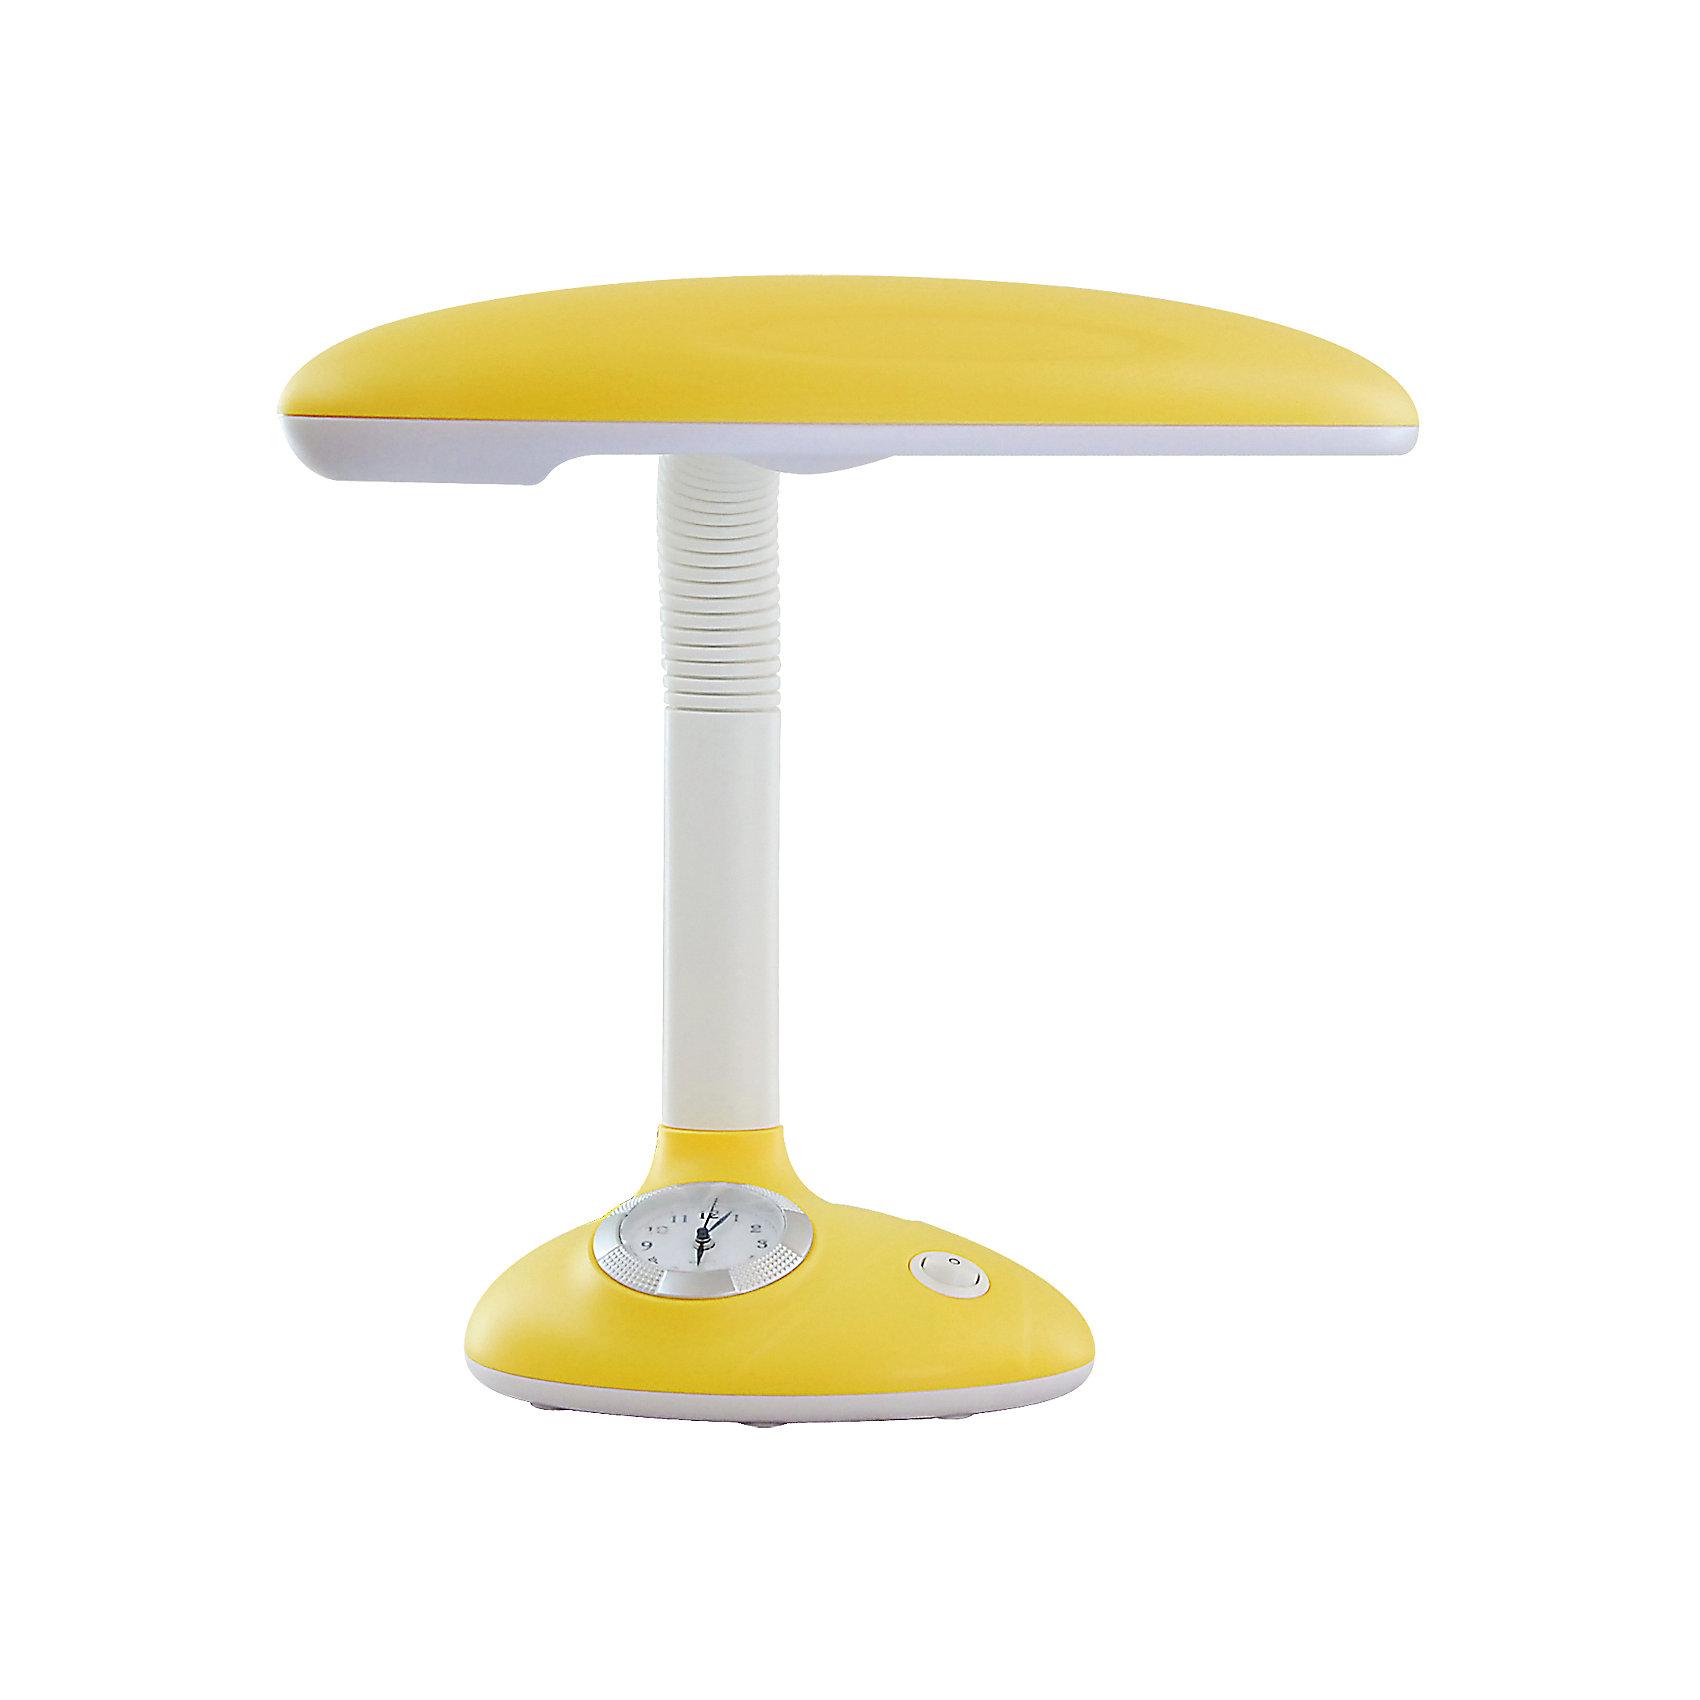 Светильник-часы, 11 Вт, Ultra Light, желтыйДетские предметы интерьера<br>Жёлтый светильник-часы, 11 Вт - светильник прекрасно подойдет для освещения рабочего стола и создания атмосферы уюта в комнате.<br>Симпатичный светильник-часы предназначен для работы и отдыха и станет ярким элементом интерьера детской комнаты. Корпус светильника выполнен из термостойкого пластика. Дуга, соединяющая лампу с основанием, вращается в разные стороны, благодаря чему лампа может осветить любое место в комнате. В основании светильника расположены часы, которые помогут вашему ребенку быстро и легко научиться определять время. Для установки времени необходимо извлечь часы из корпуса основания светильника по направлению вверх, удалить защитную плёнку из-под элемента питания (входит в комплект), установить время, вставить часы в корпус основания светильника. Светильник укомплектован люминесцентной лампой мощностью 11 Вт, сила светового потока которой подобрана оптимально для детского зрения.<br><br>Дополнительная информация: <br><br>- Материал корпуса: термостойкий пластик<br>- Цвет: желтый<br>- Питание: от сети 220В<br>- Тип цоколя: 2G7<br>- Мощность лампы: 11 Вт<br>- Размер светильника: 22х35х18 см.<br>- Размер упаковки: 28,5х18,5х25 см.<br>- Вес: 1400 гр.<br><br>Жёлтый светильник-часы, 11 Вт можно купить в нашем интернет-магазине.<br><br>Ширина мм: 285<br>Глубина мм: 185<br>Высота мм: 250<br>Вес г: 1400<br>Возраст от месяцев: 36<br>Возраст до месяцев: 192<br>Пол: Унисекс<br>Возраст: Детский<br>SKU: 4641461